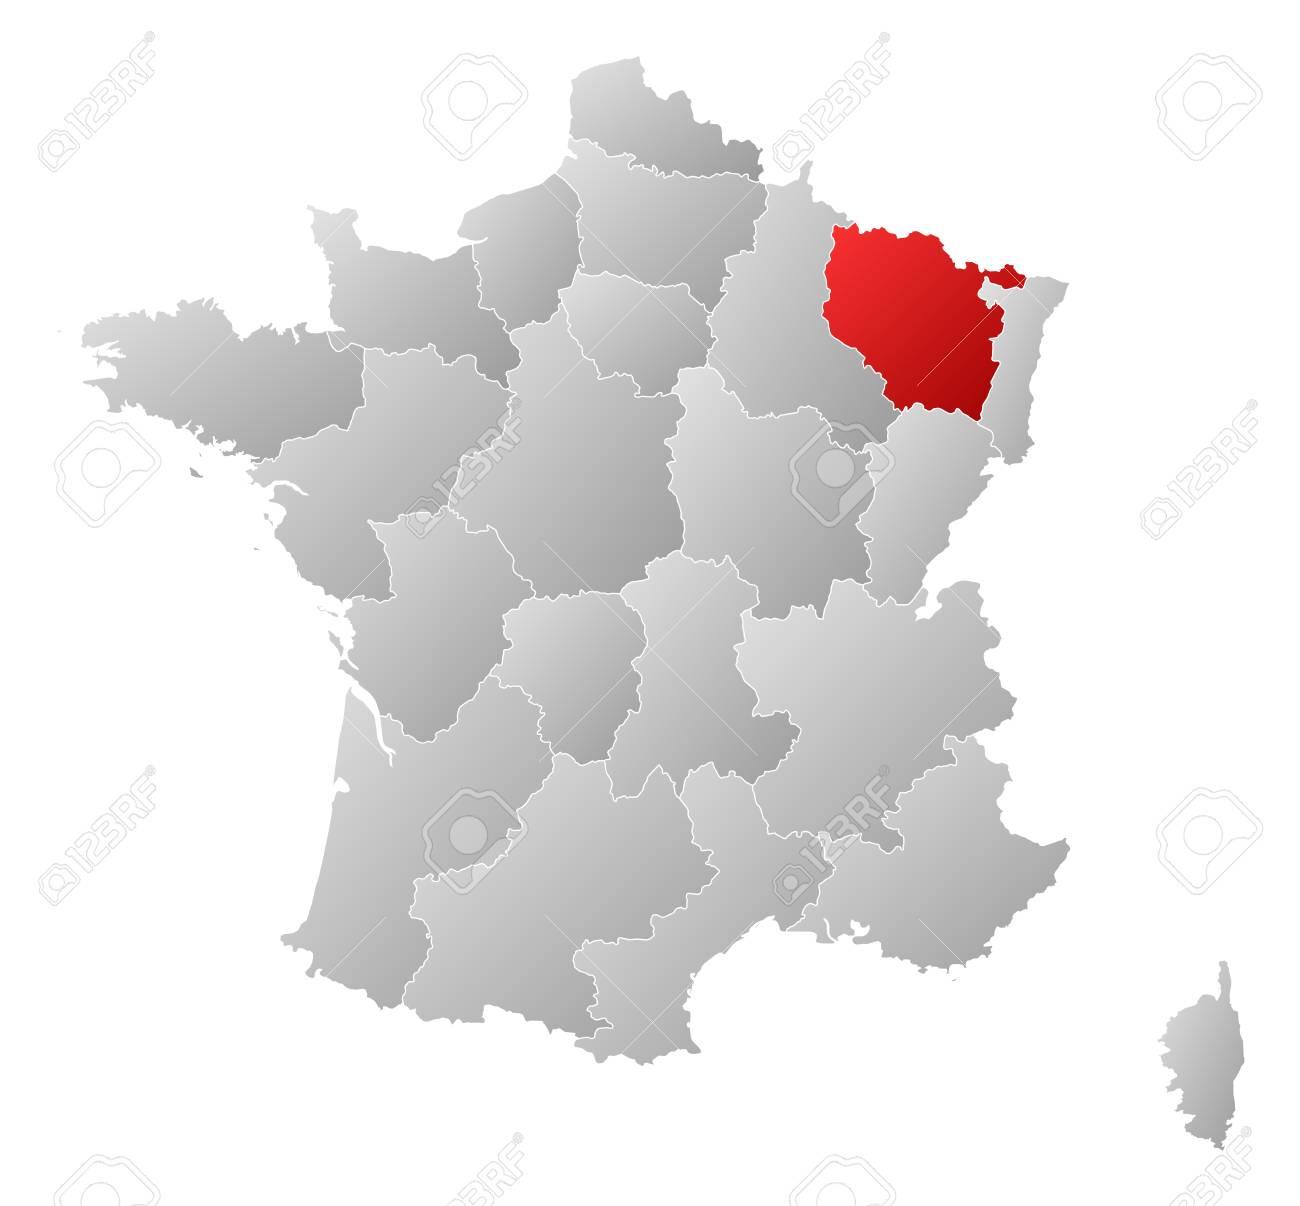 La Carte Politique De La France Avec Les Régions Où Plusieurs Lorraine Est  Mis En Évidence. encequiconcerne Carte De France Avec Les Régions